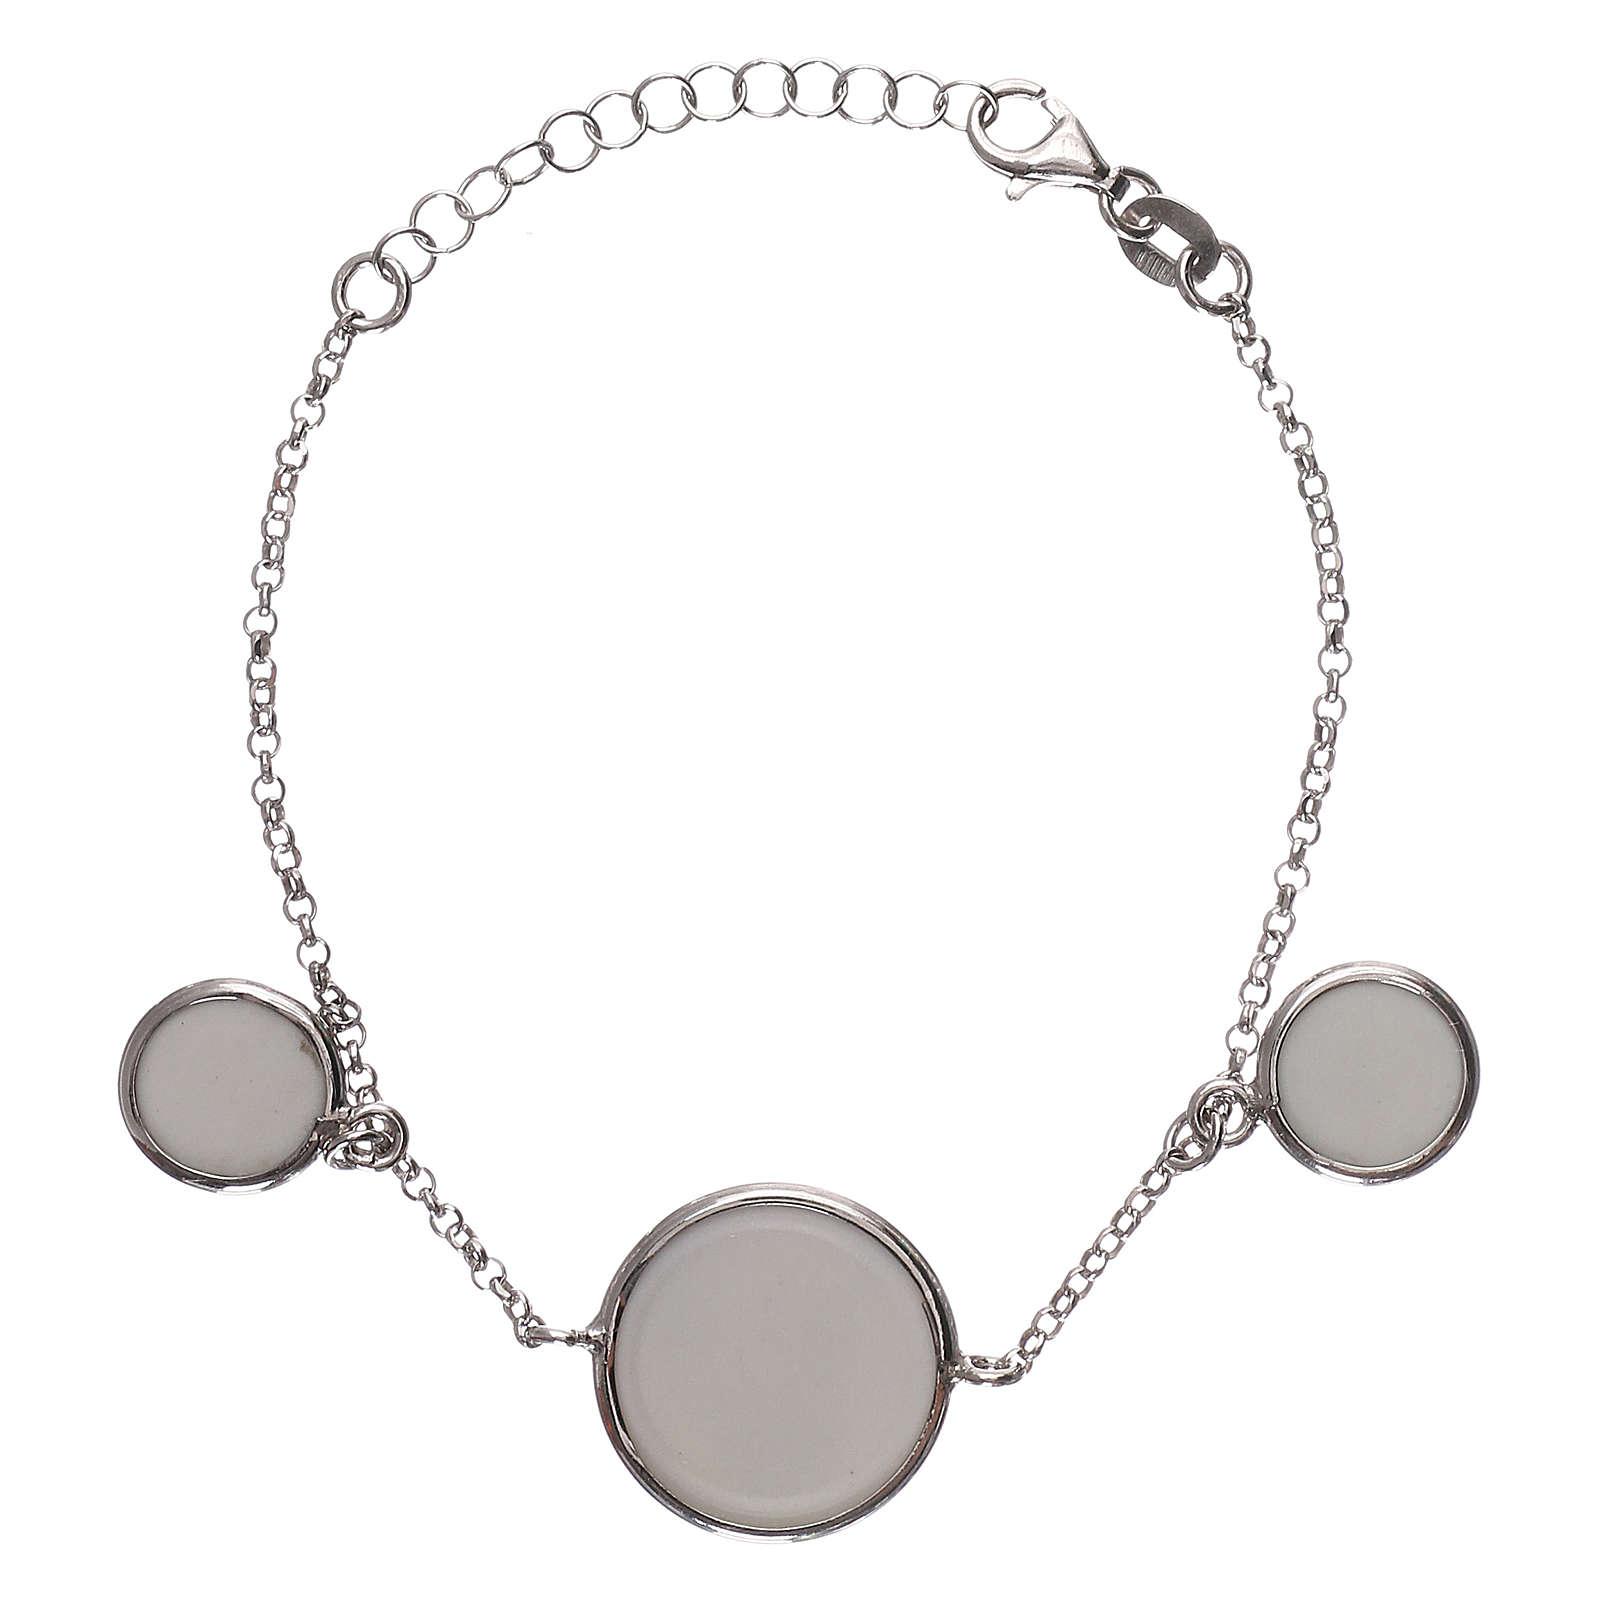 Braccialetto argento 925 con tre medaglie 4